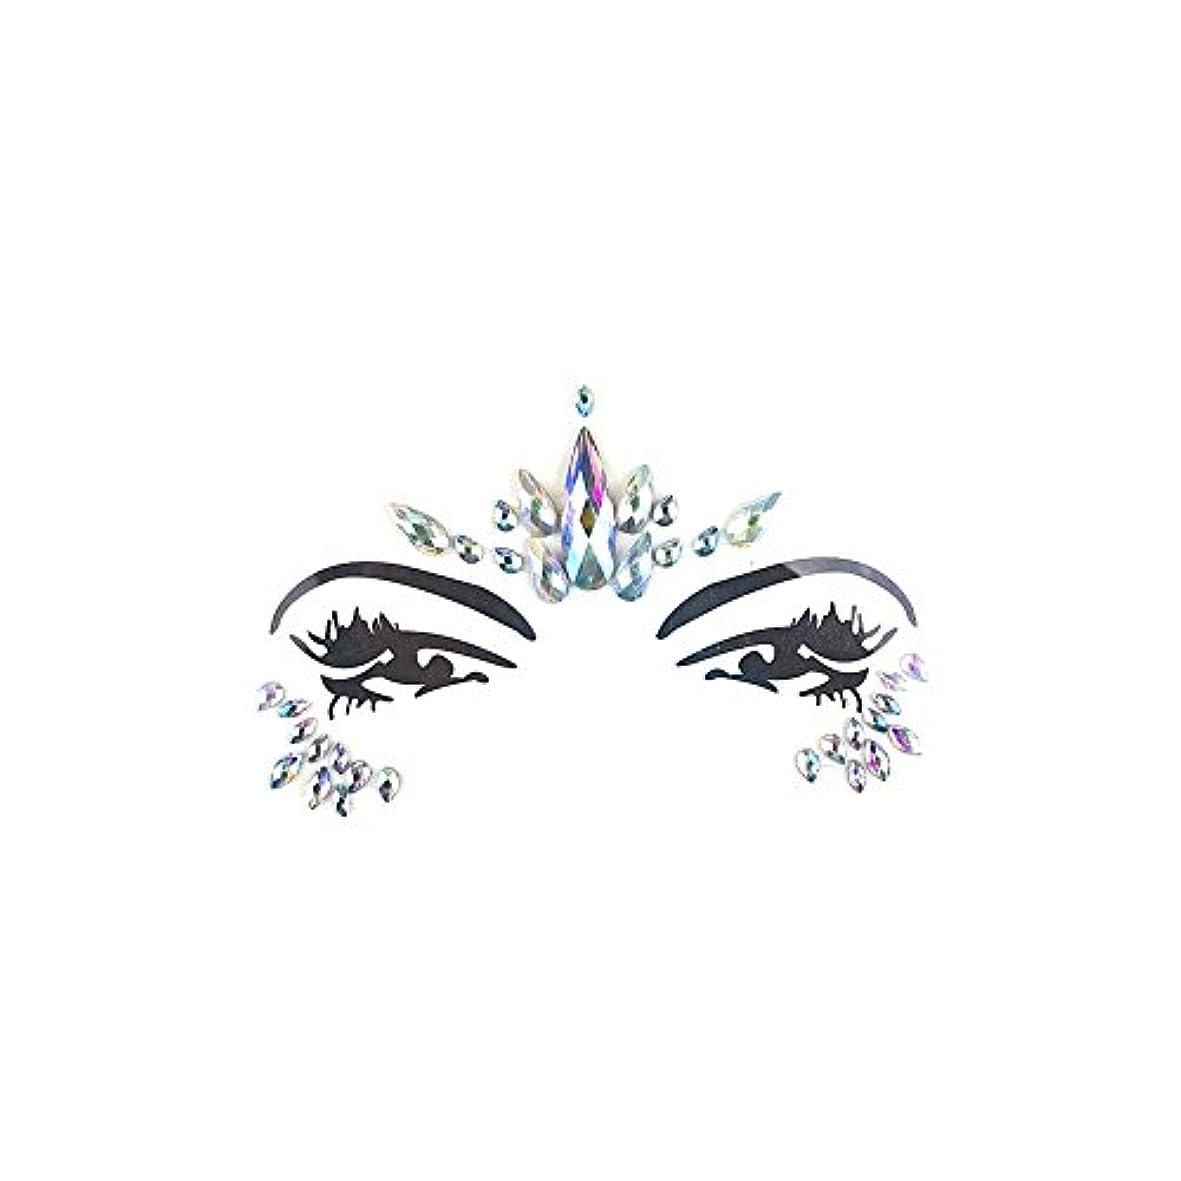 SILUN フェイスダイヤモンドステッカー一時的 宝石 キラキラ 環境 優しい樹脂クリスタルラインストーンフェイスステッカー音楽祭 ホリデーパーティーダンス眉フェイス接着剤